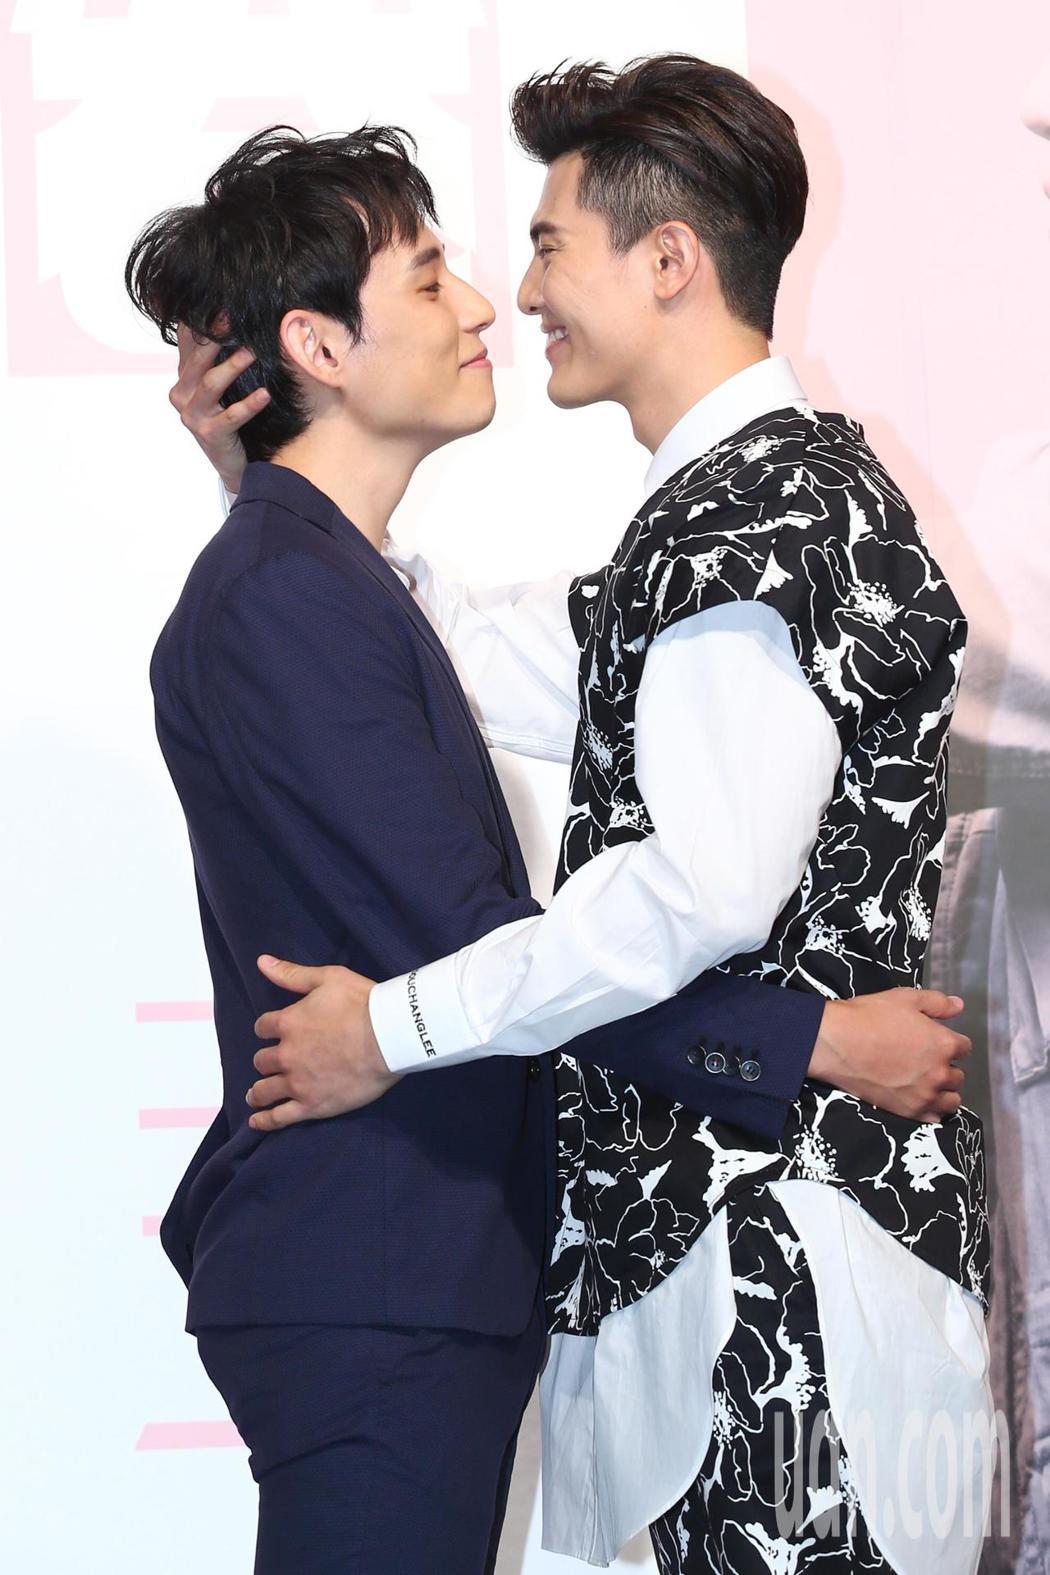 《HIStory3》新戲「圈套」舉行首映會,主要演員徐鈞浩(左)、吳承洋互動甜蜜...